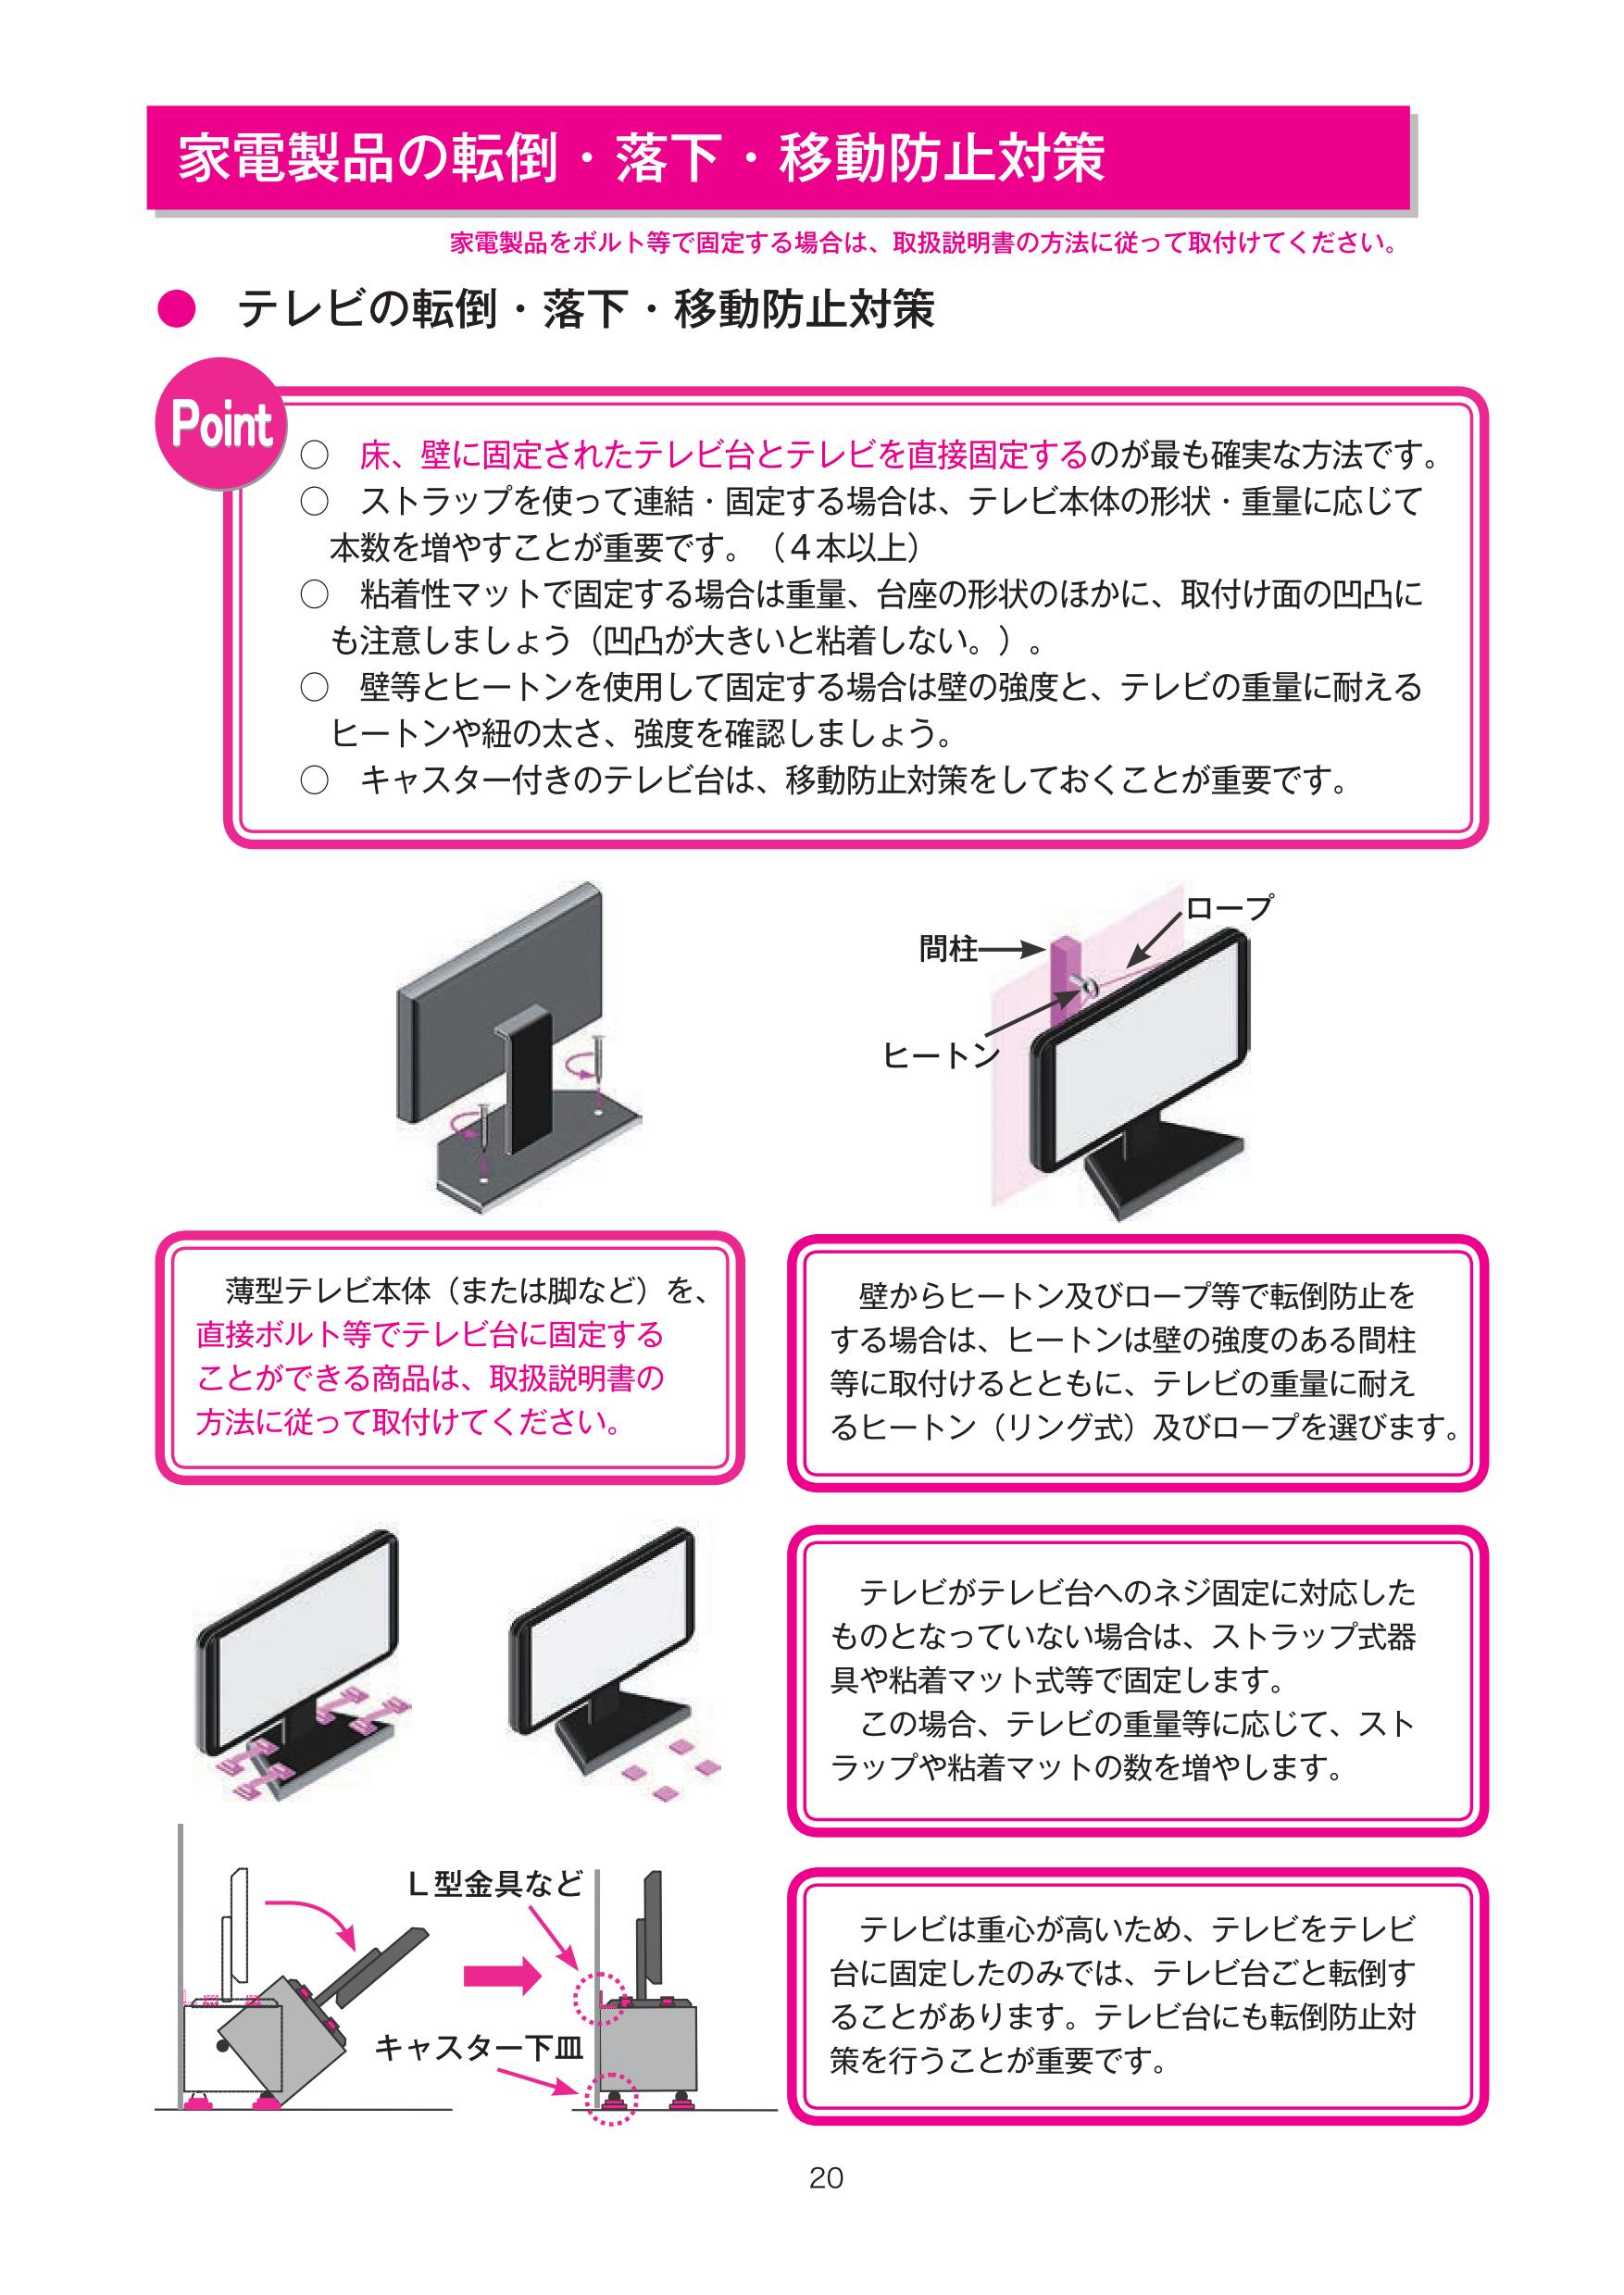 家電に対する転倒防止策を解説しているページ